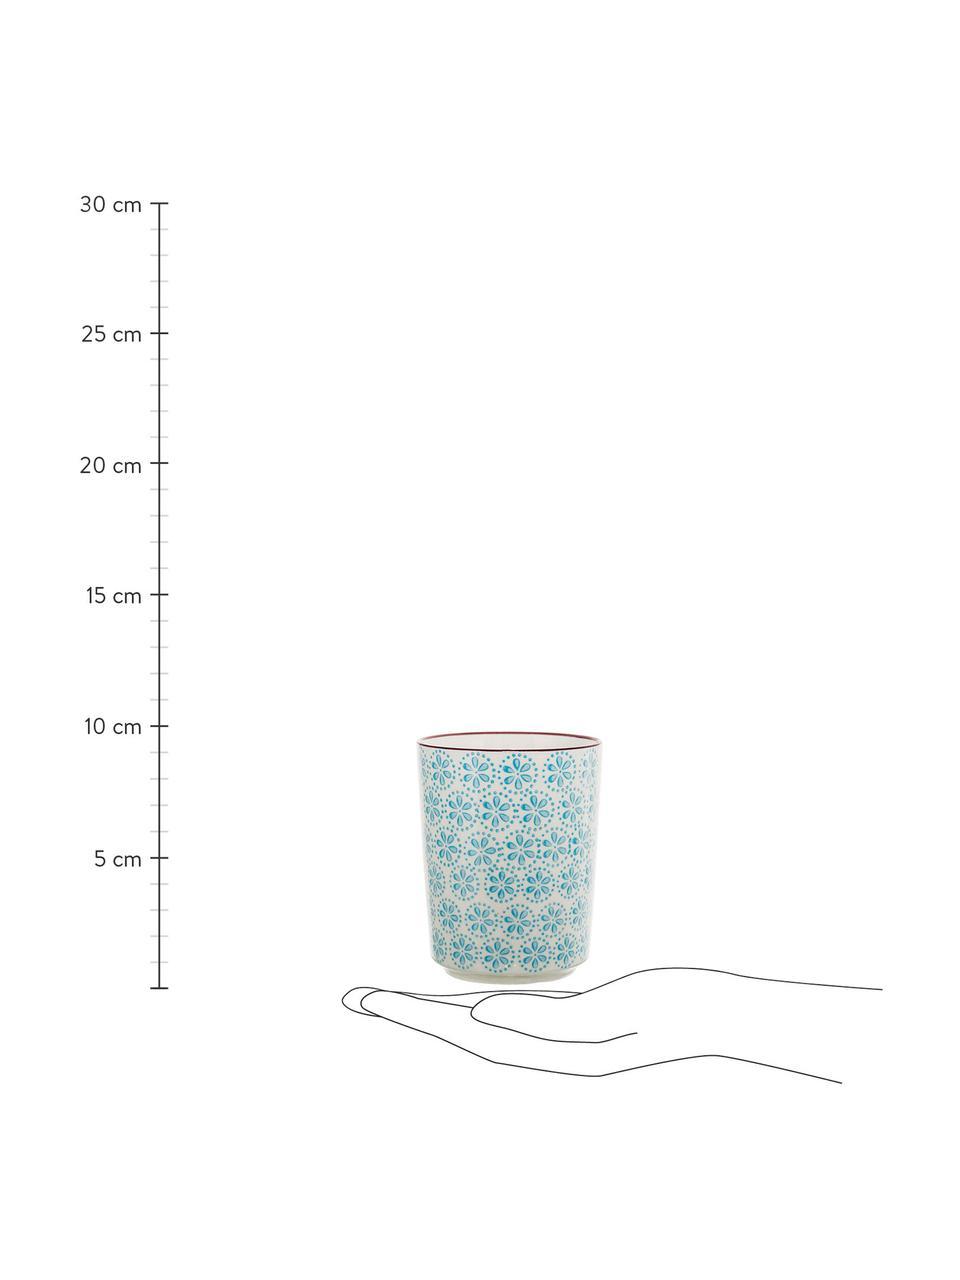 Handbemalte Becher Patrizia mit verspieltem Muster, 4er-Set, Steingut, Gebrochenes Weiß, Mehrfarbig, Ø 7 x H 10 cm